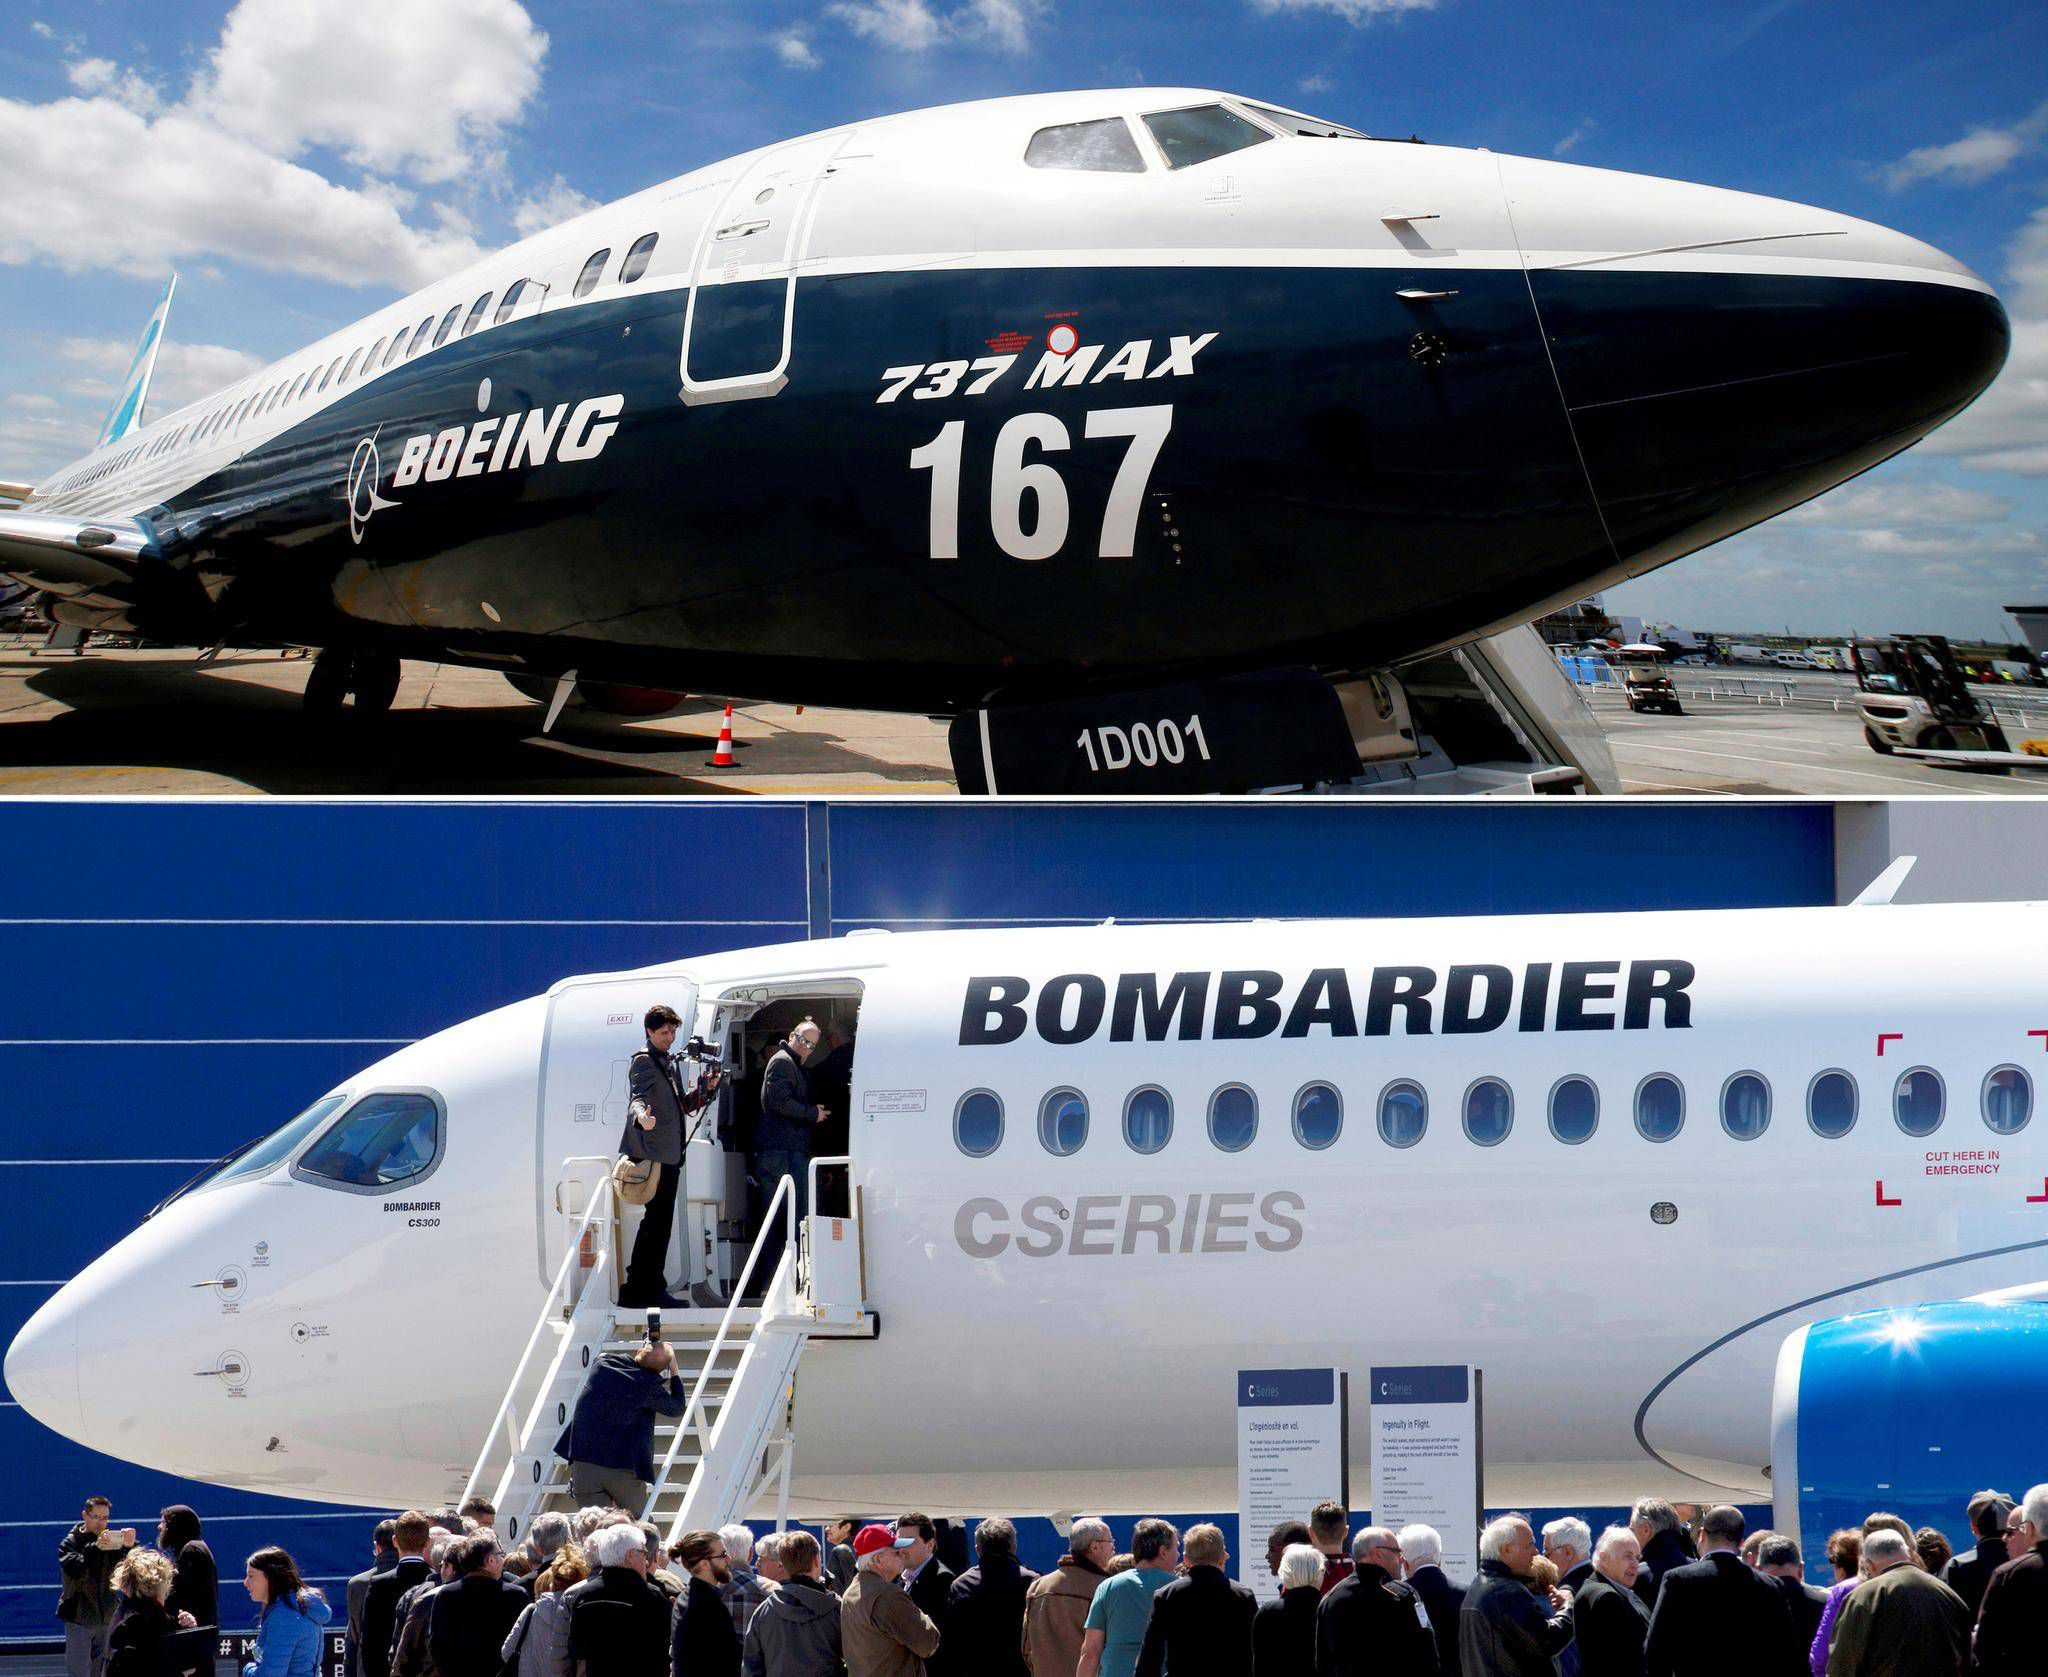 Meglepődött  és jól fogadta a hírt a  Bombardier , hiszen az Egyesült Államok Kereskedelmi Minisztériuma visszautasította a Boeing kereskedelmi perügyeit